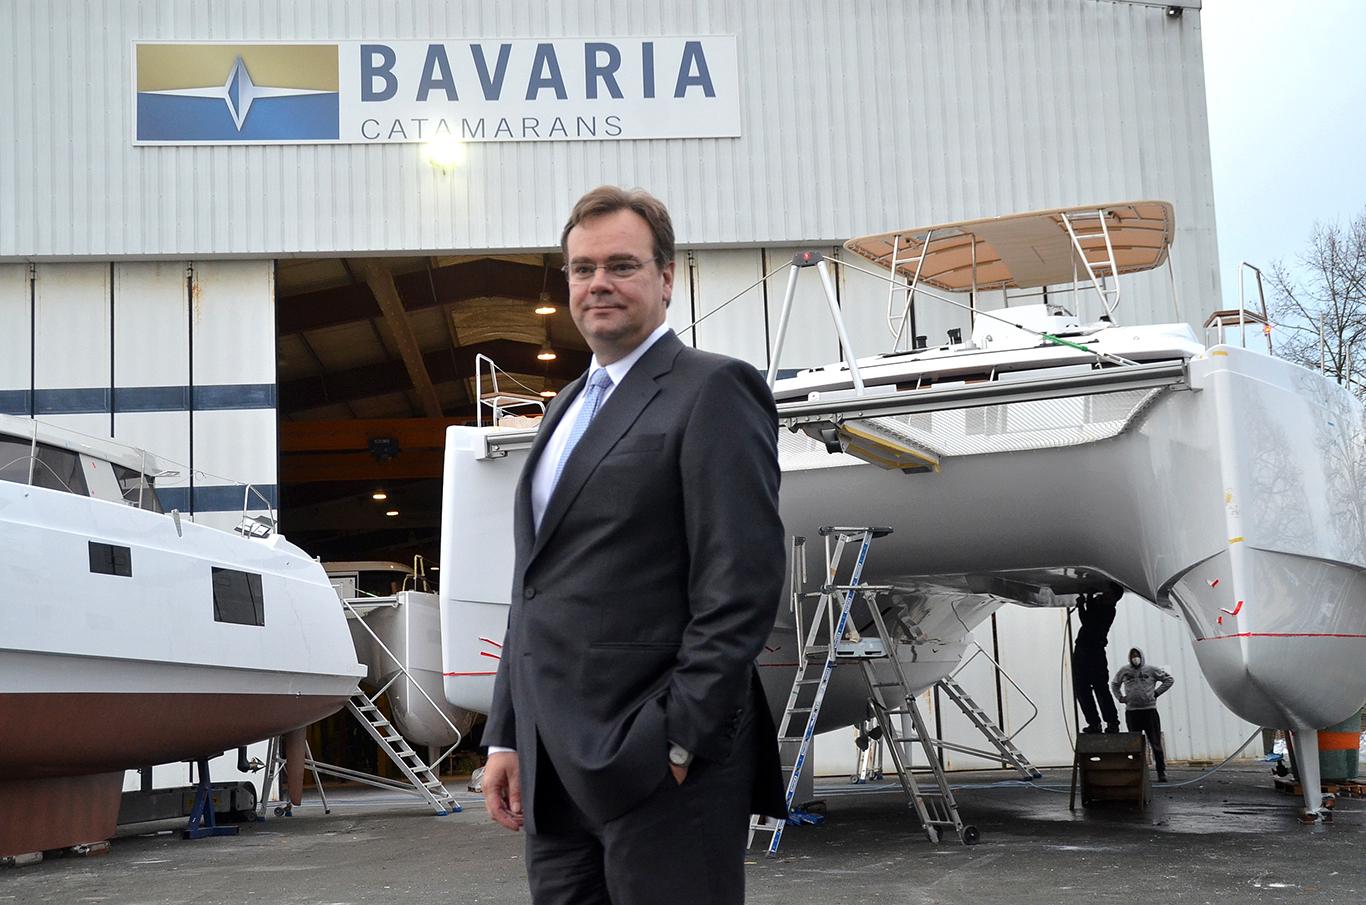 bavaria catamarans